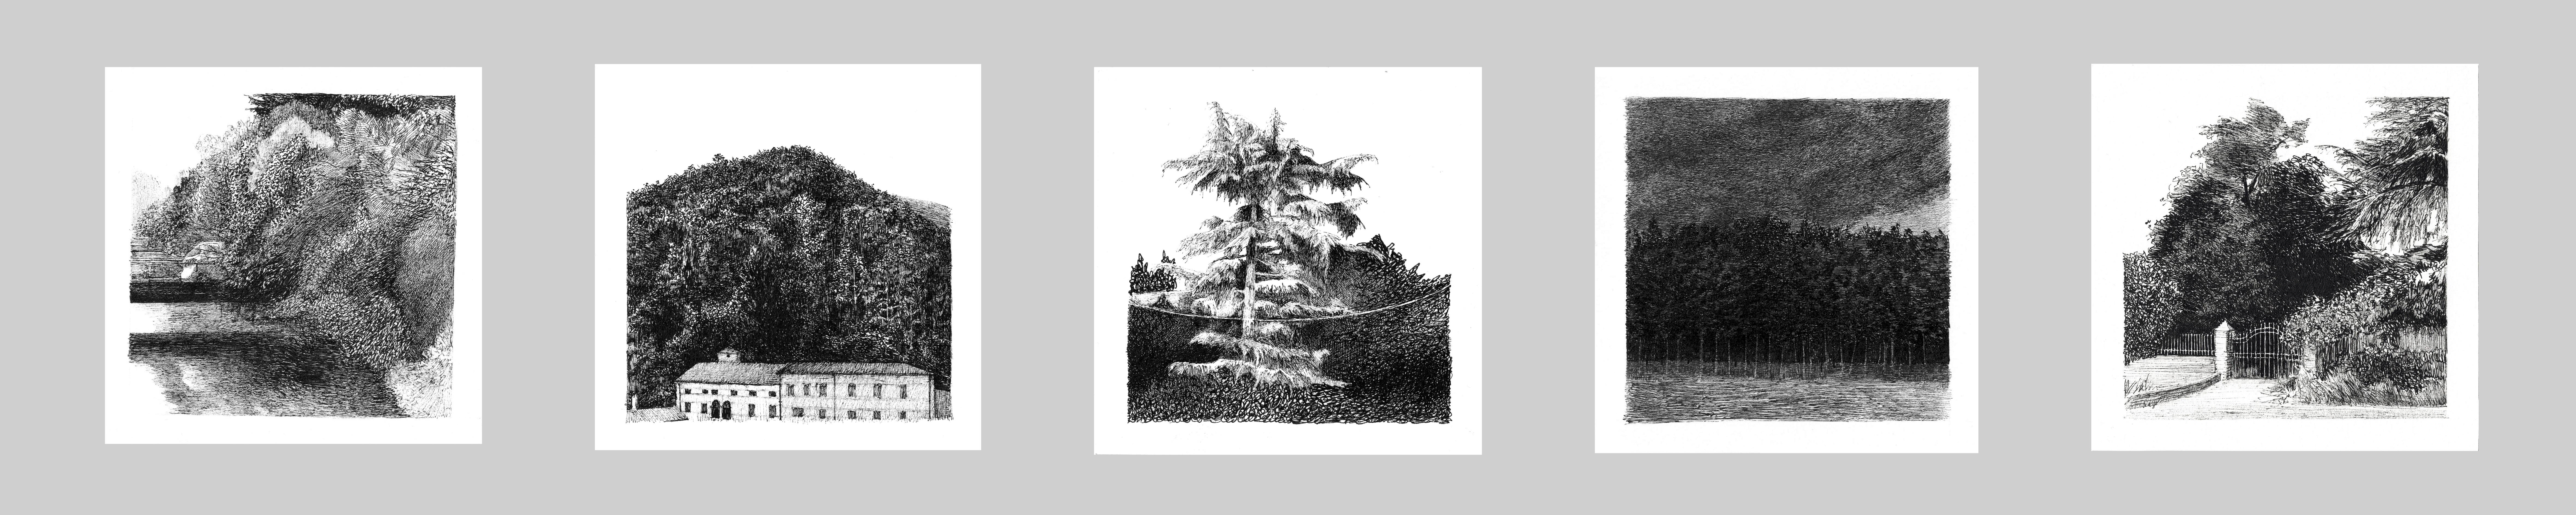 06_Passeggiata, serie di 5 disegni dalla